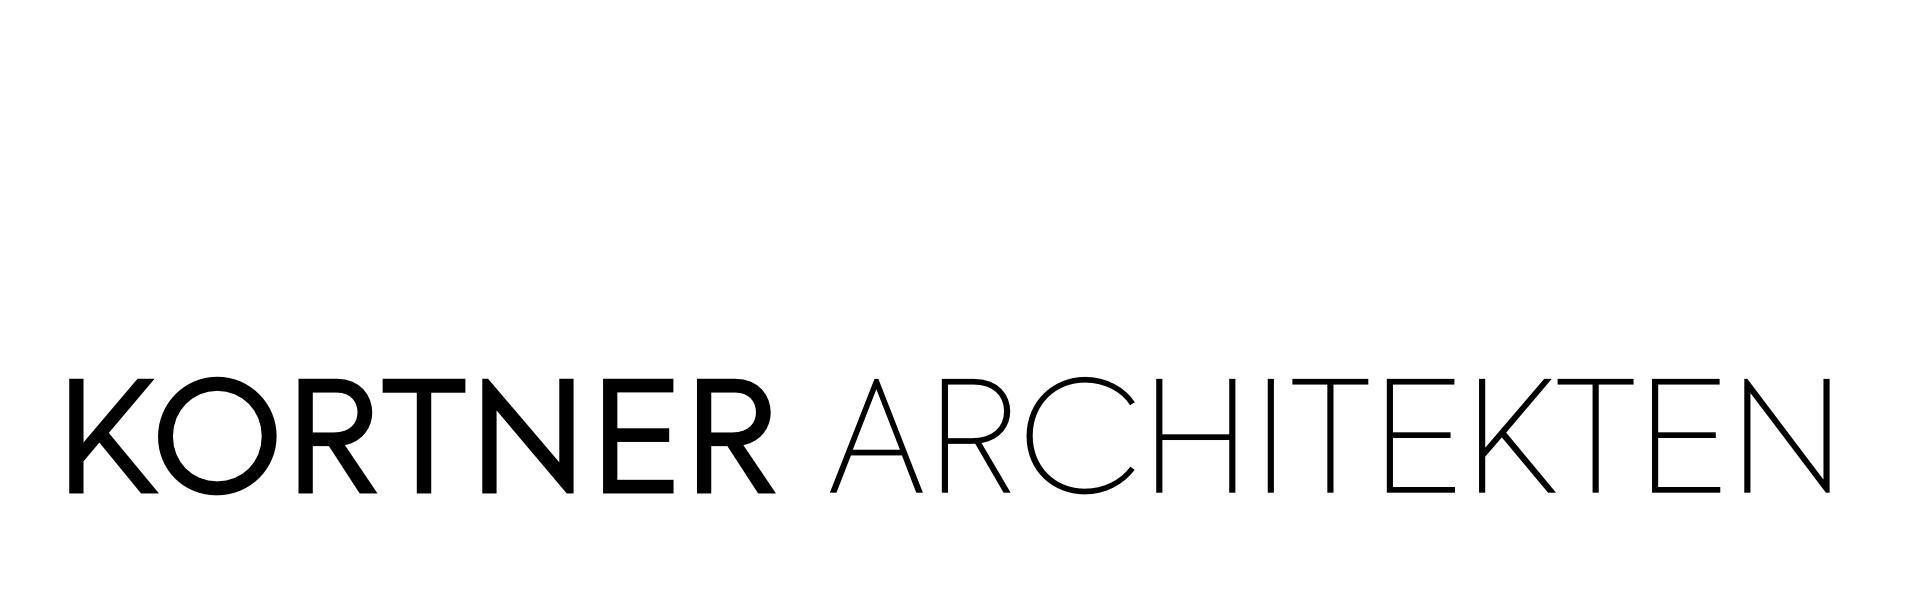 Kortner Architekten